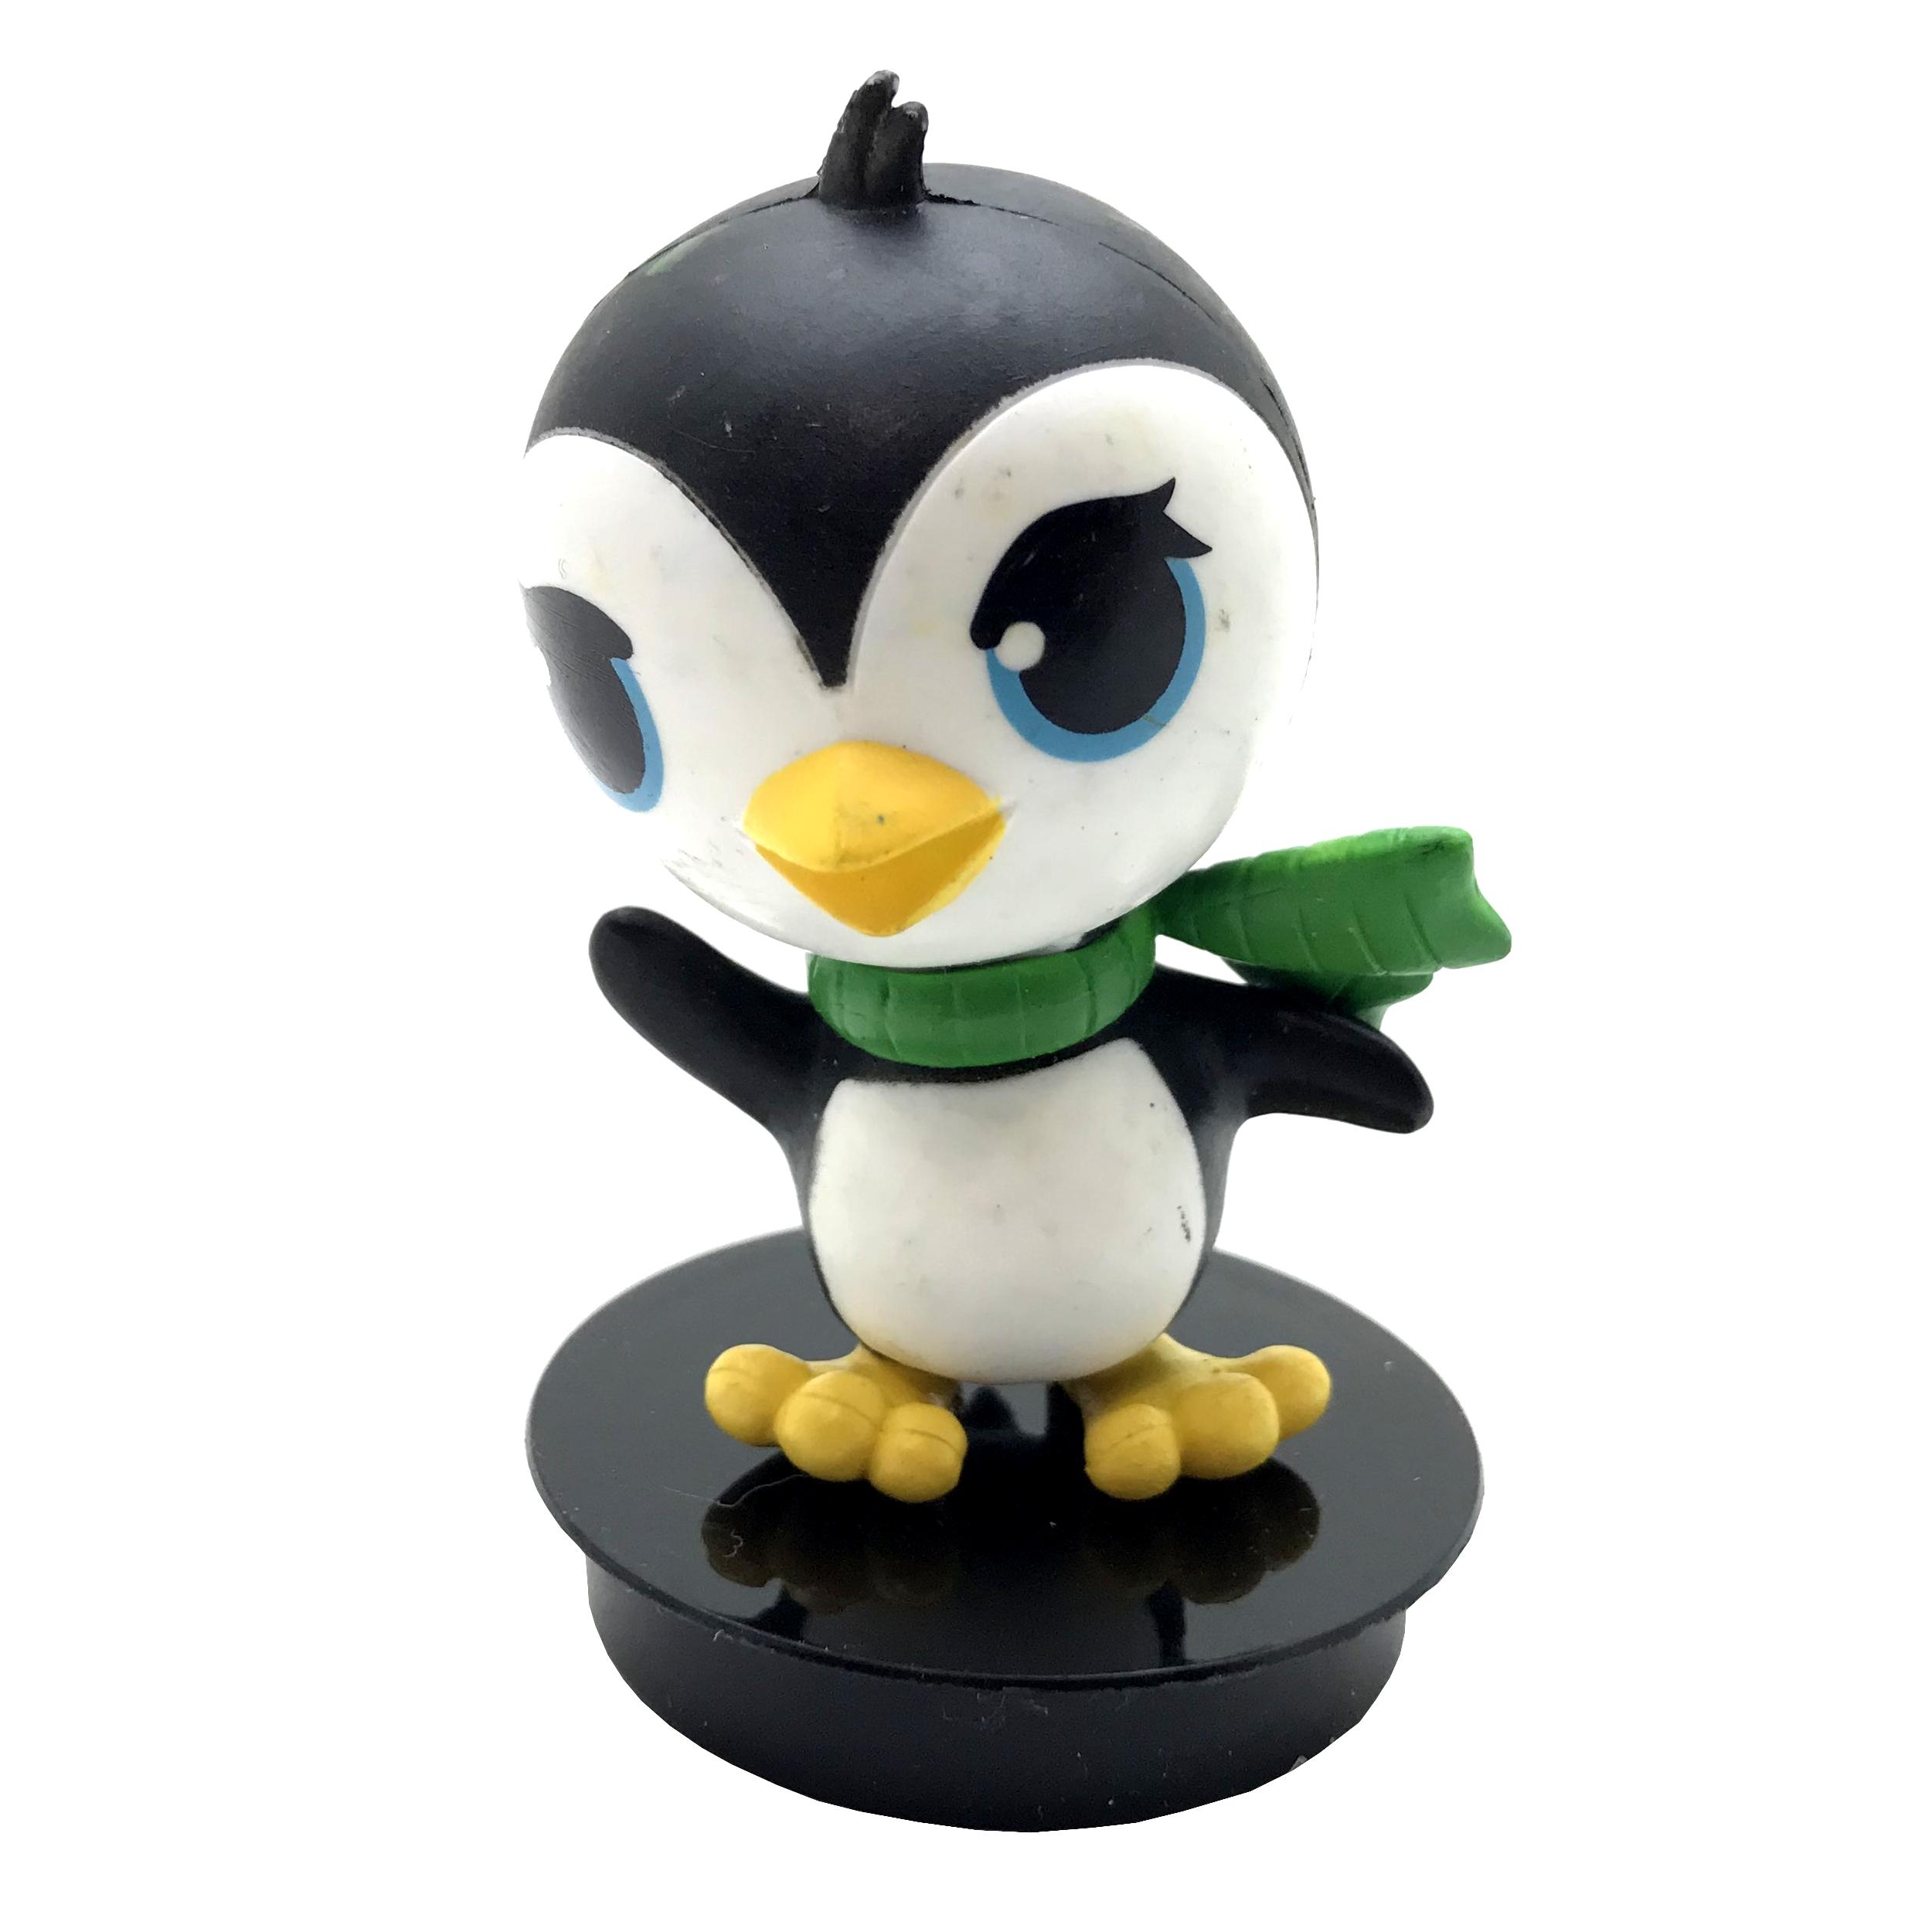 فیگور طرح پنگوئن کد 509